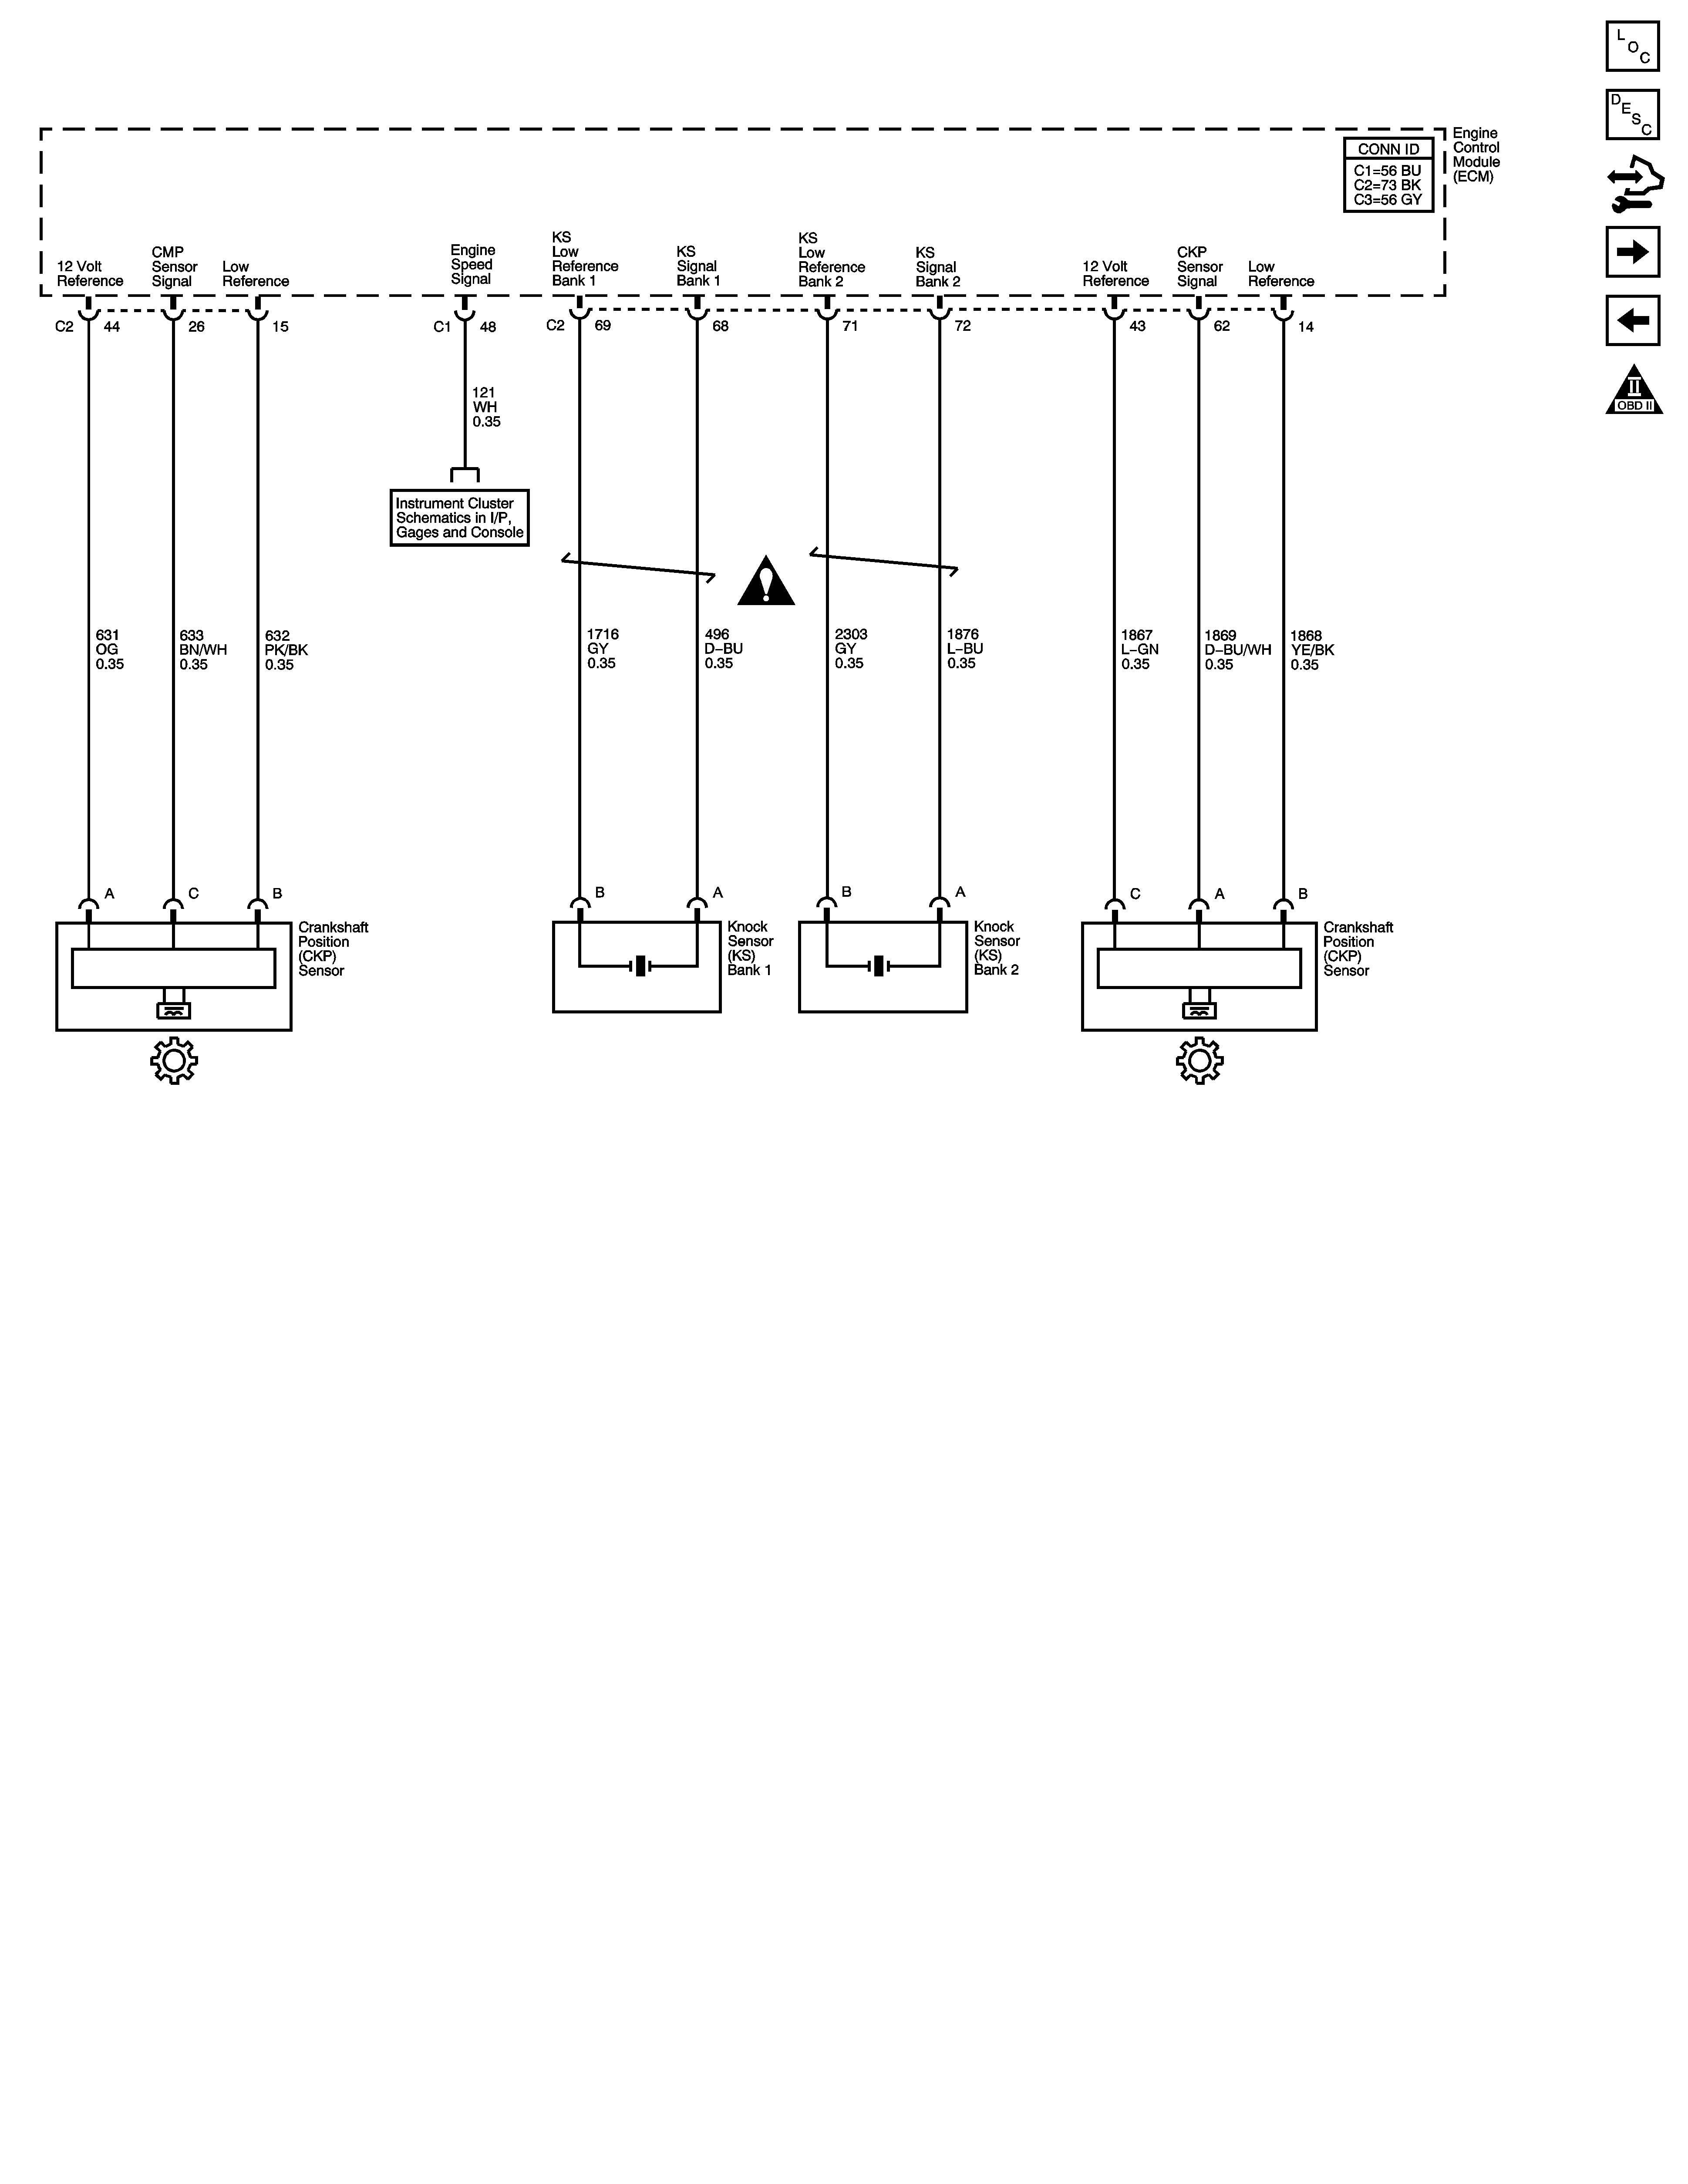 05 Ls2 Cam Sensor Wiring Diagram Out Put Please Id This Gear Corvetteforum Chevrolet Corvette Forum Pit Top Schematic